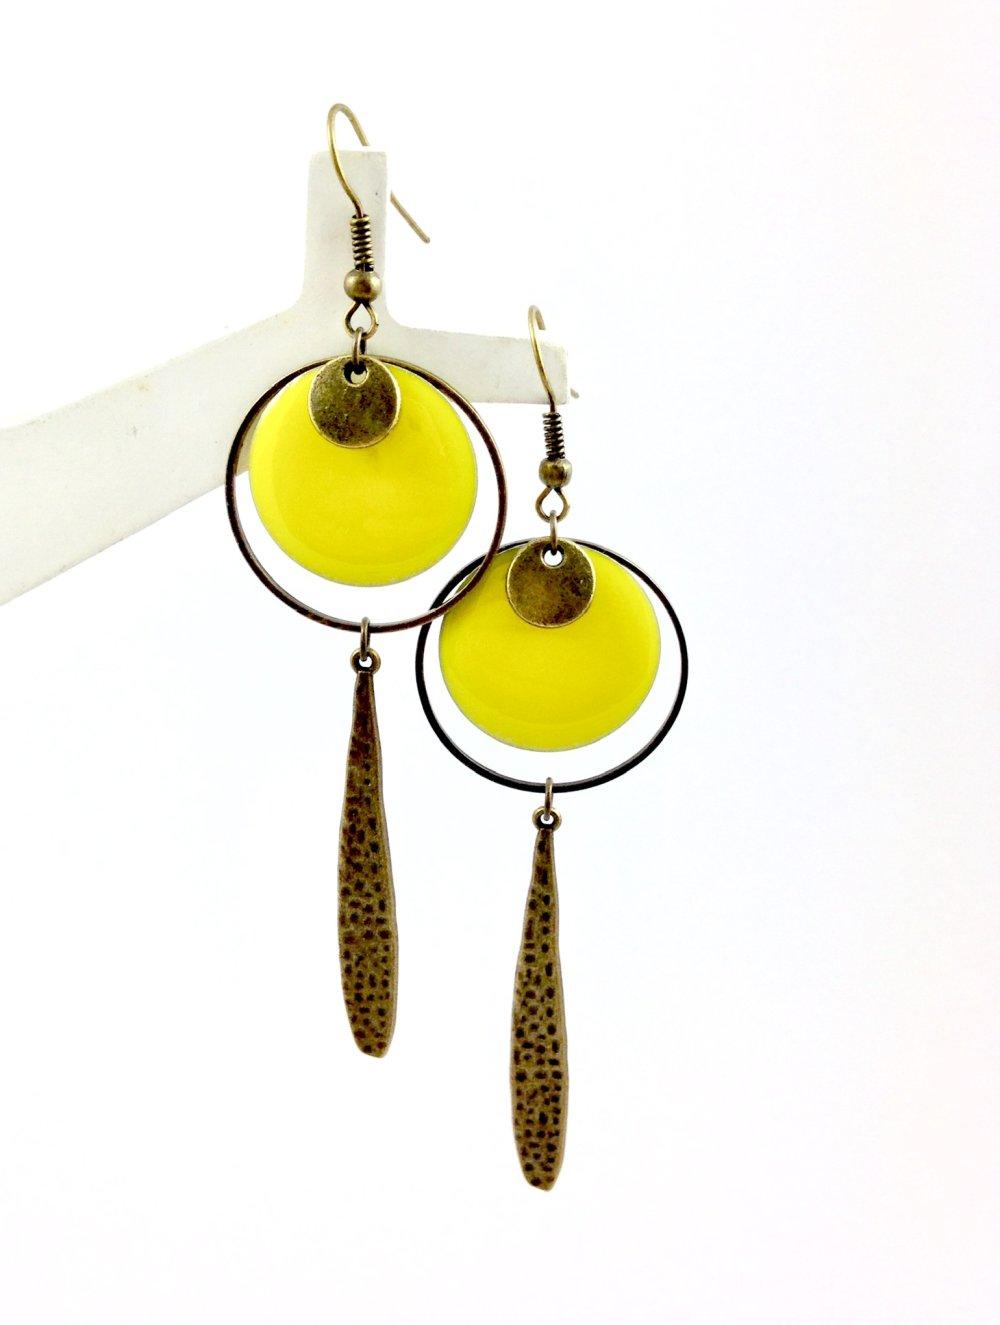 Collier Sautoir bronze  créole Sequin rond émaillé jaune, Anneau et goutte bronze, bohème chic, cadeau femme